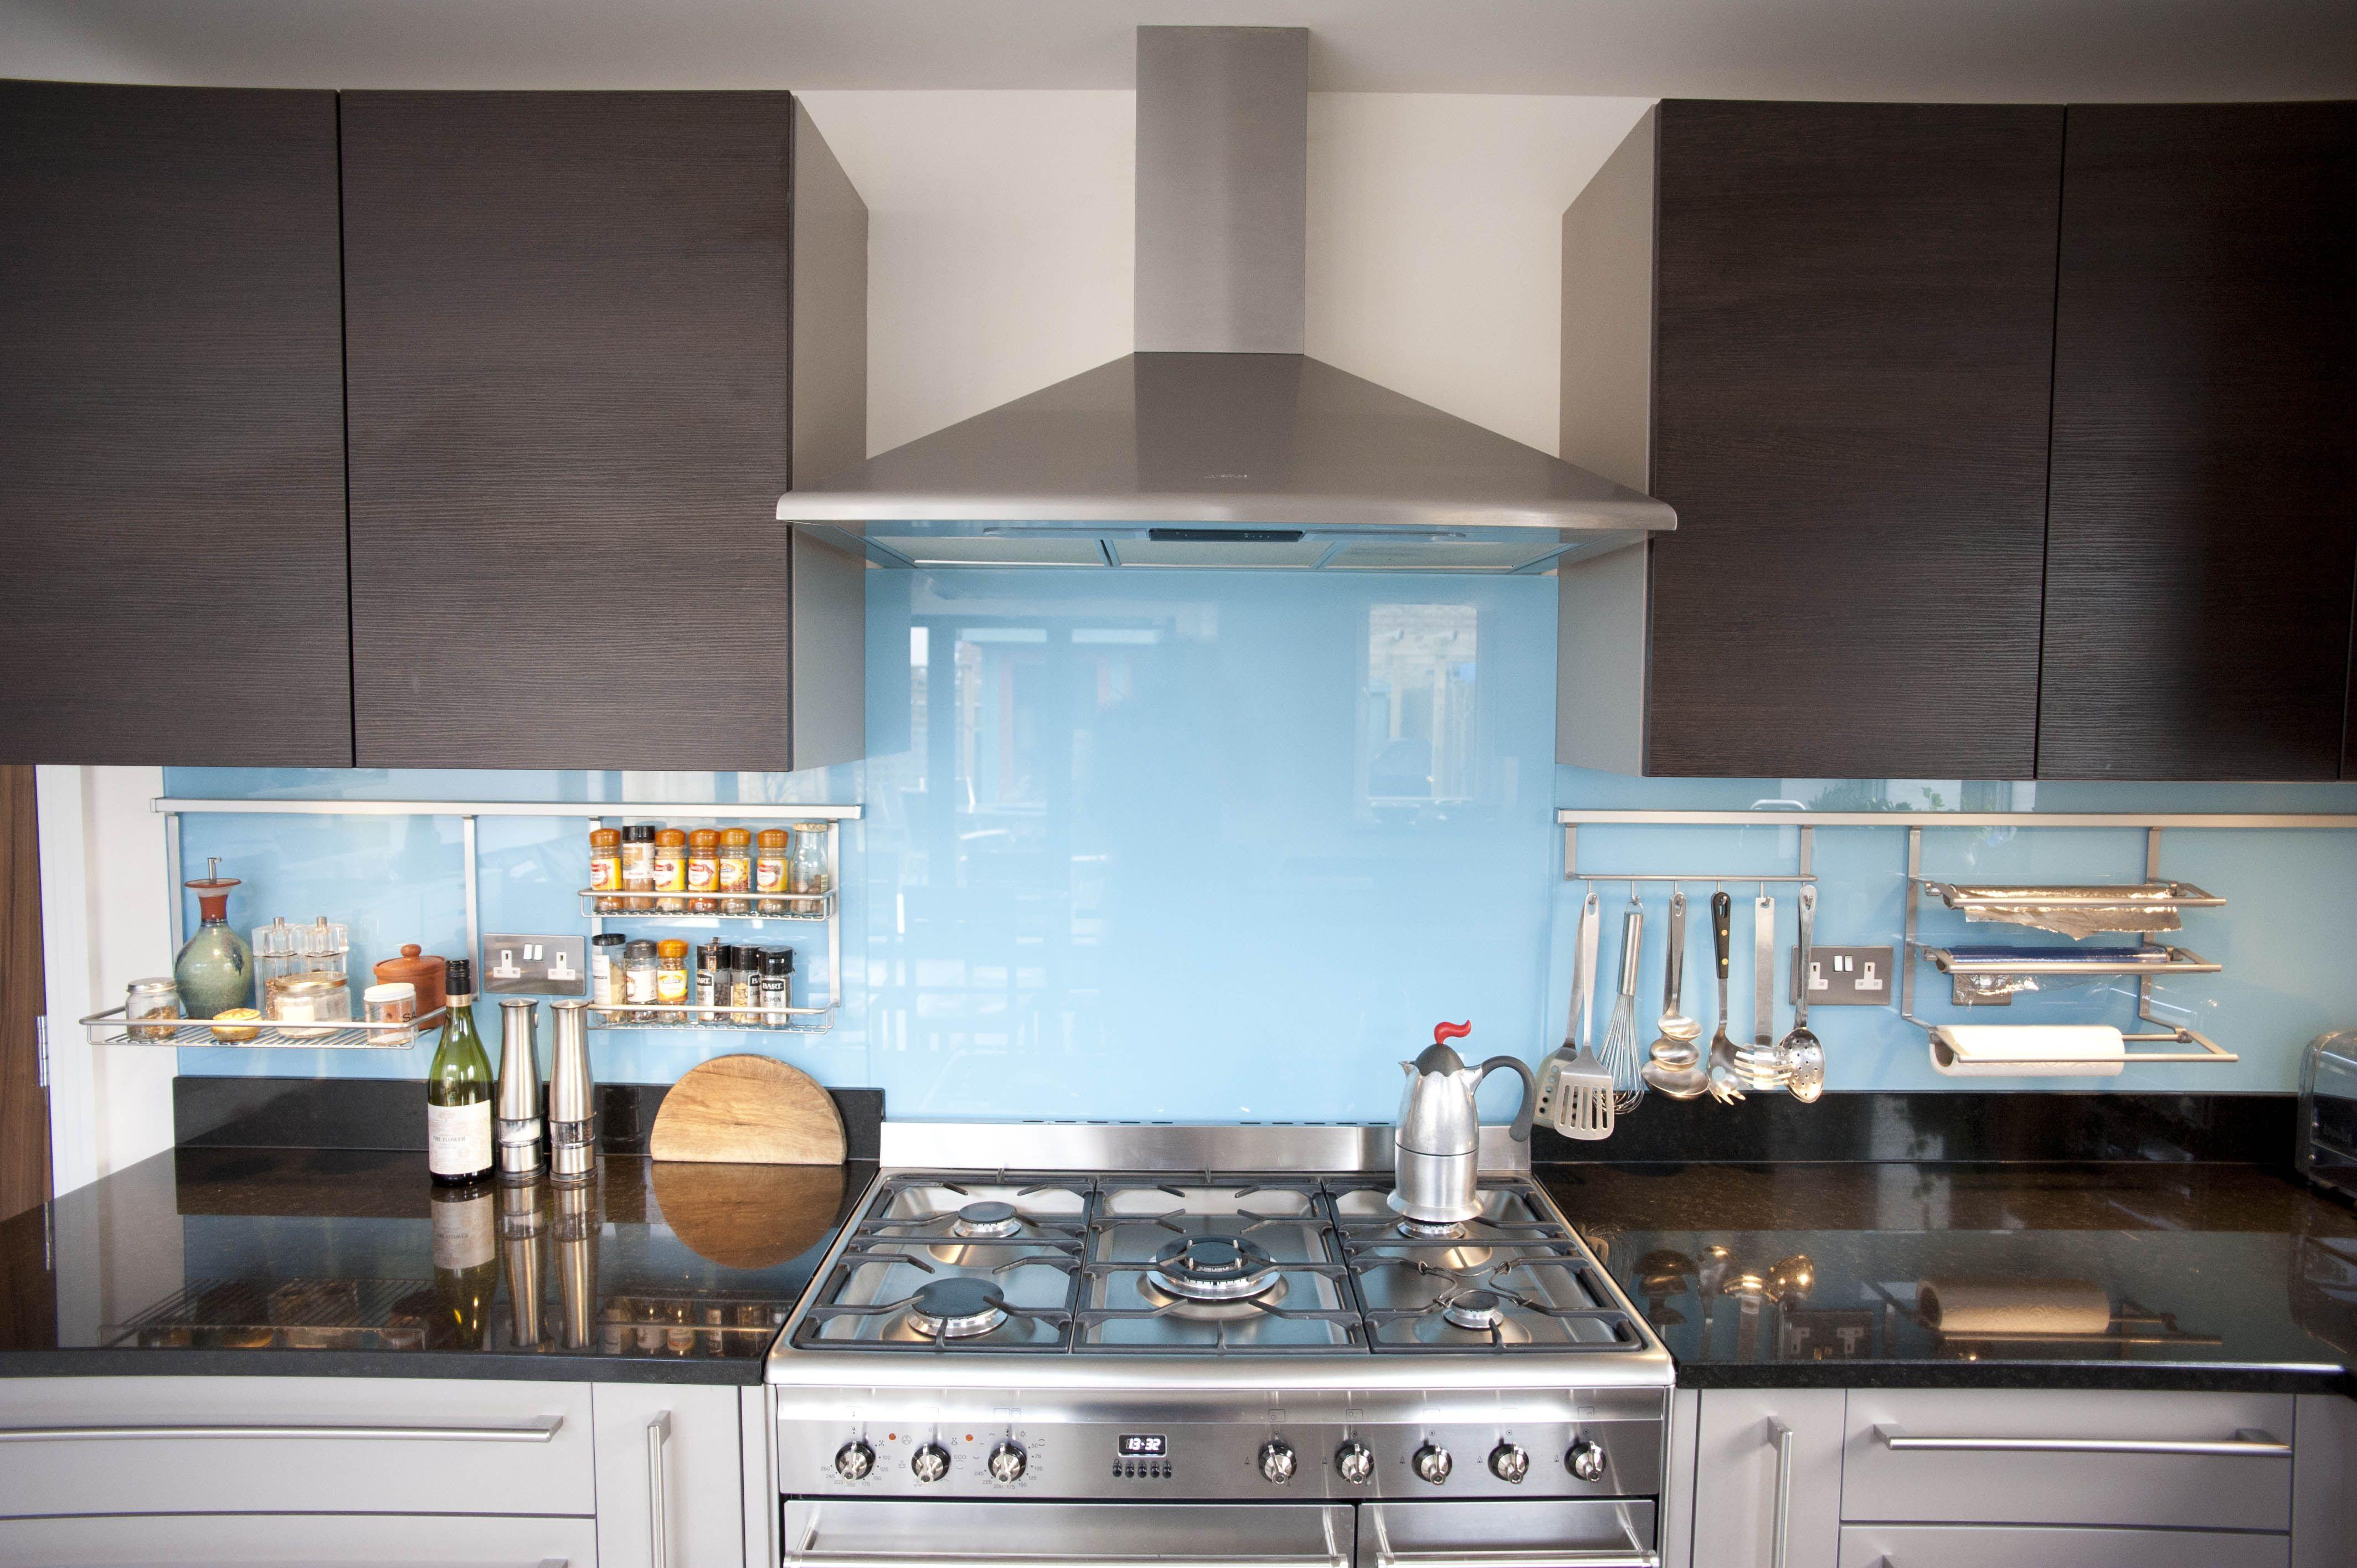 Nolte Kitchens Kitchen, German kitchen, Bespoke kitchens